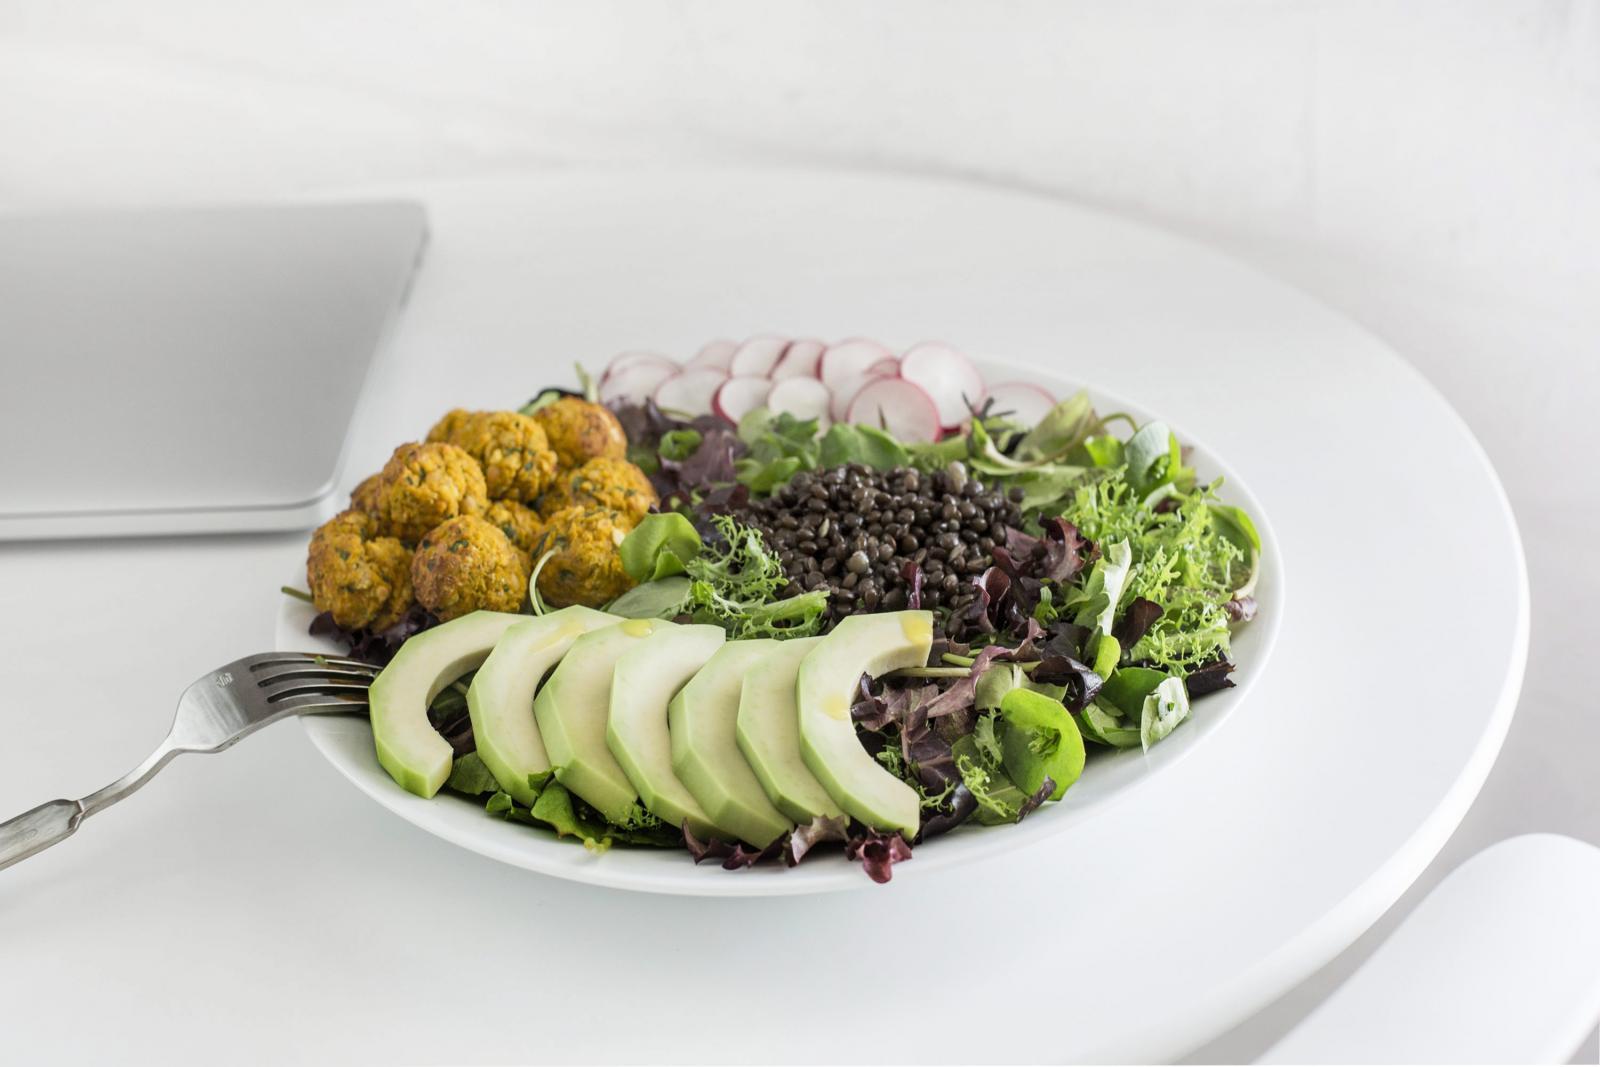 Jednako kao što nas loš izbor namirnica može uspavati, dobar izbor namirnica može nas podići.